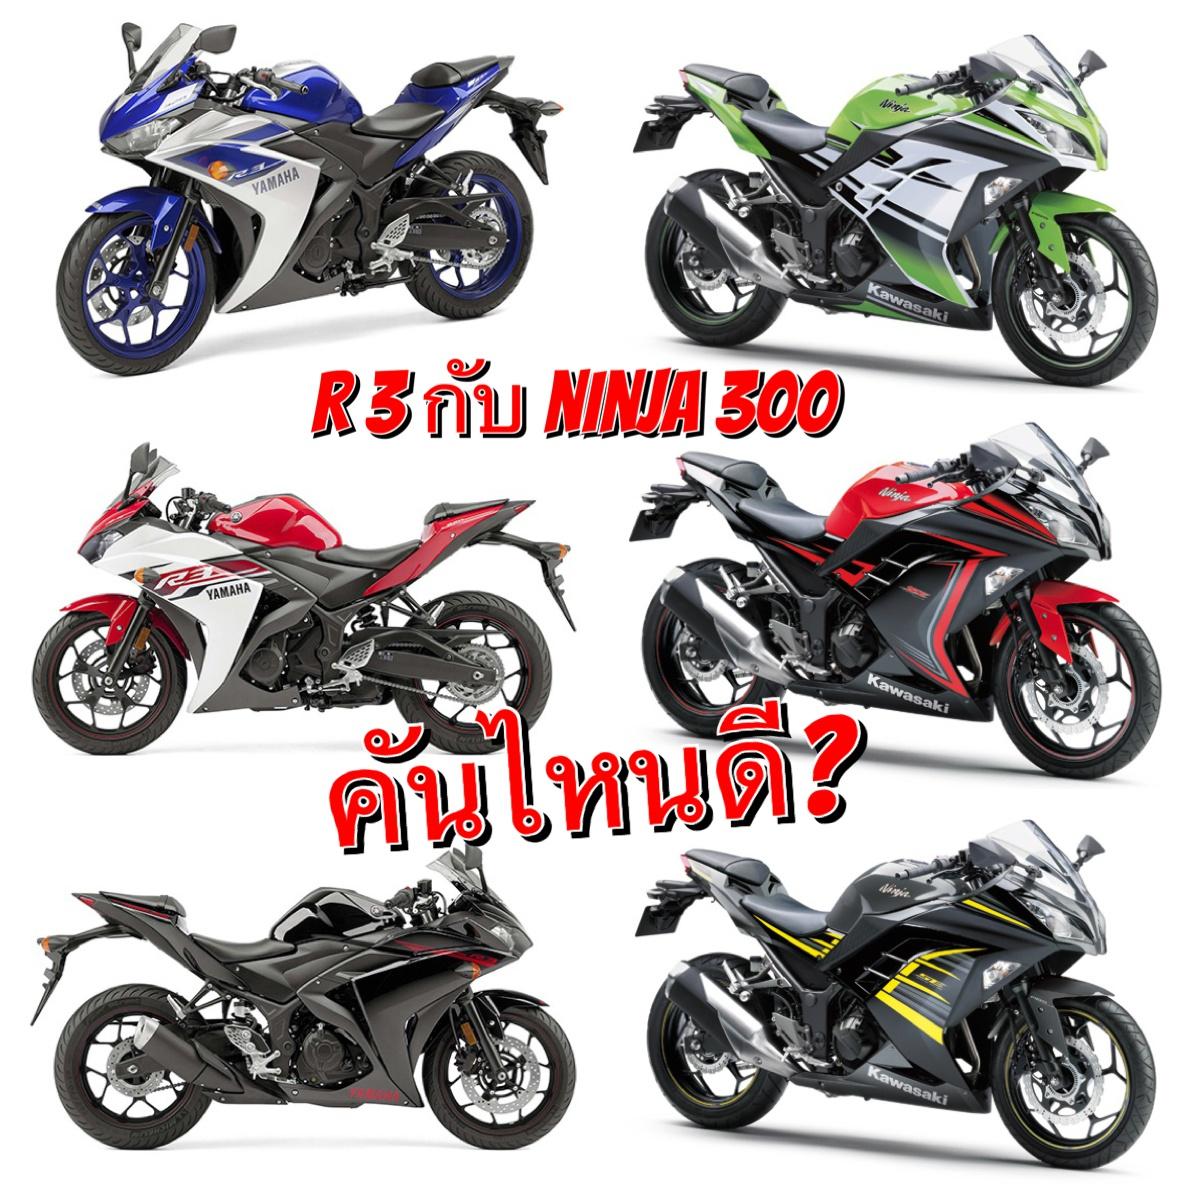 ระหว่าง Yamaha R3 กับ Kawasaki Ninja300 เป็นคุณจะเลือกคัน